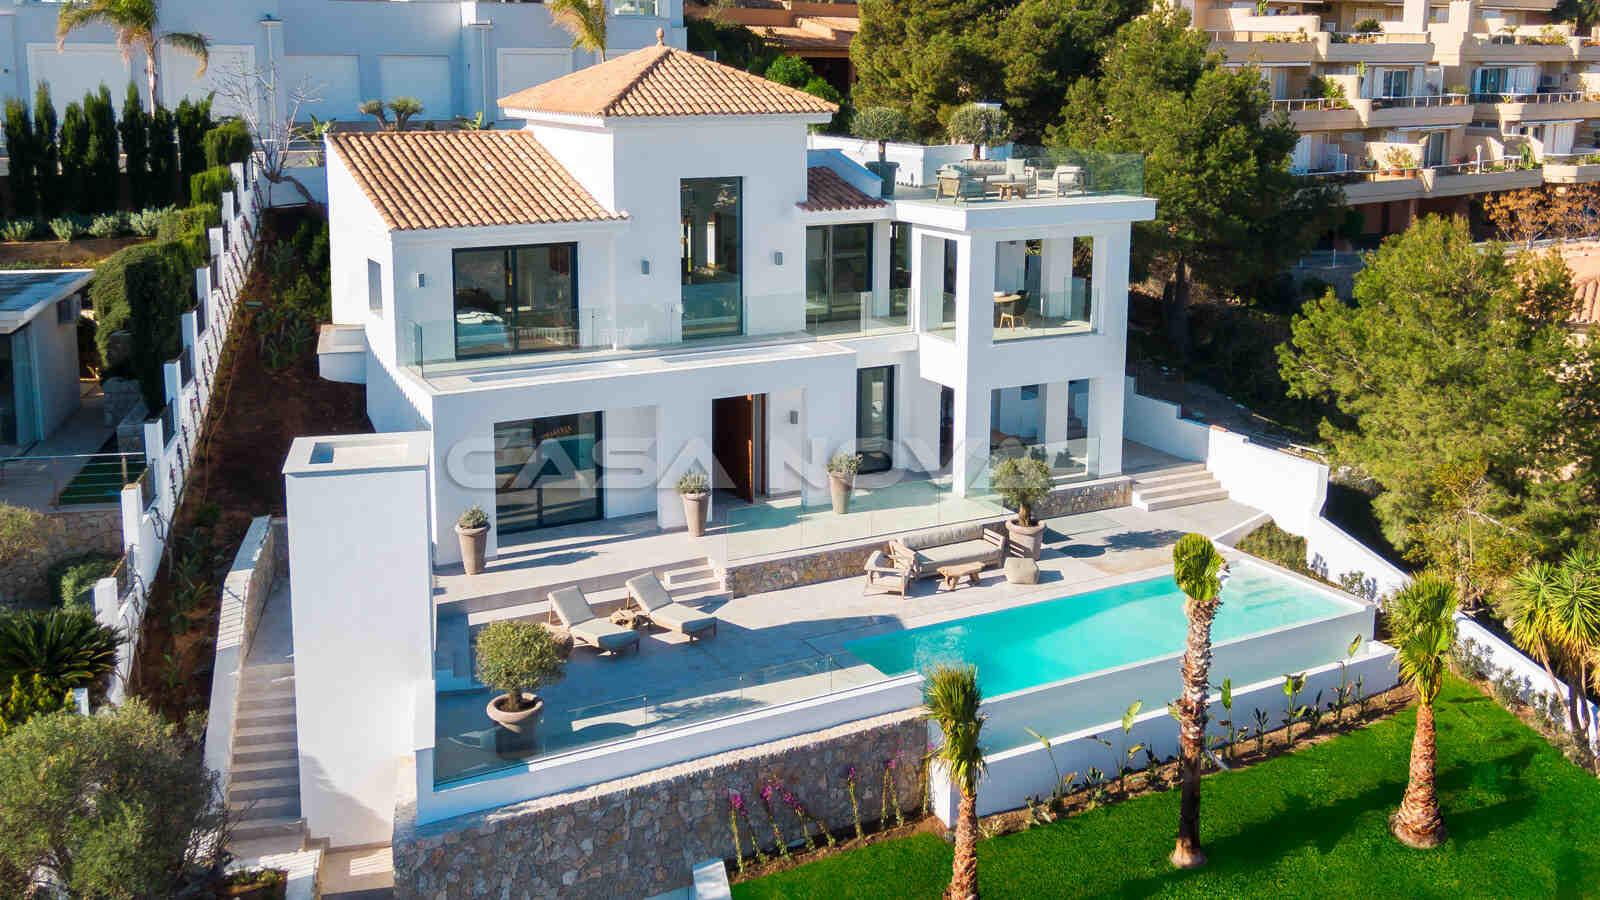 Ref. 2402254 - Luftaufnahme der modernen Mallorca Villa